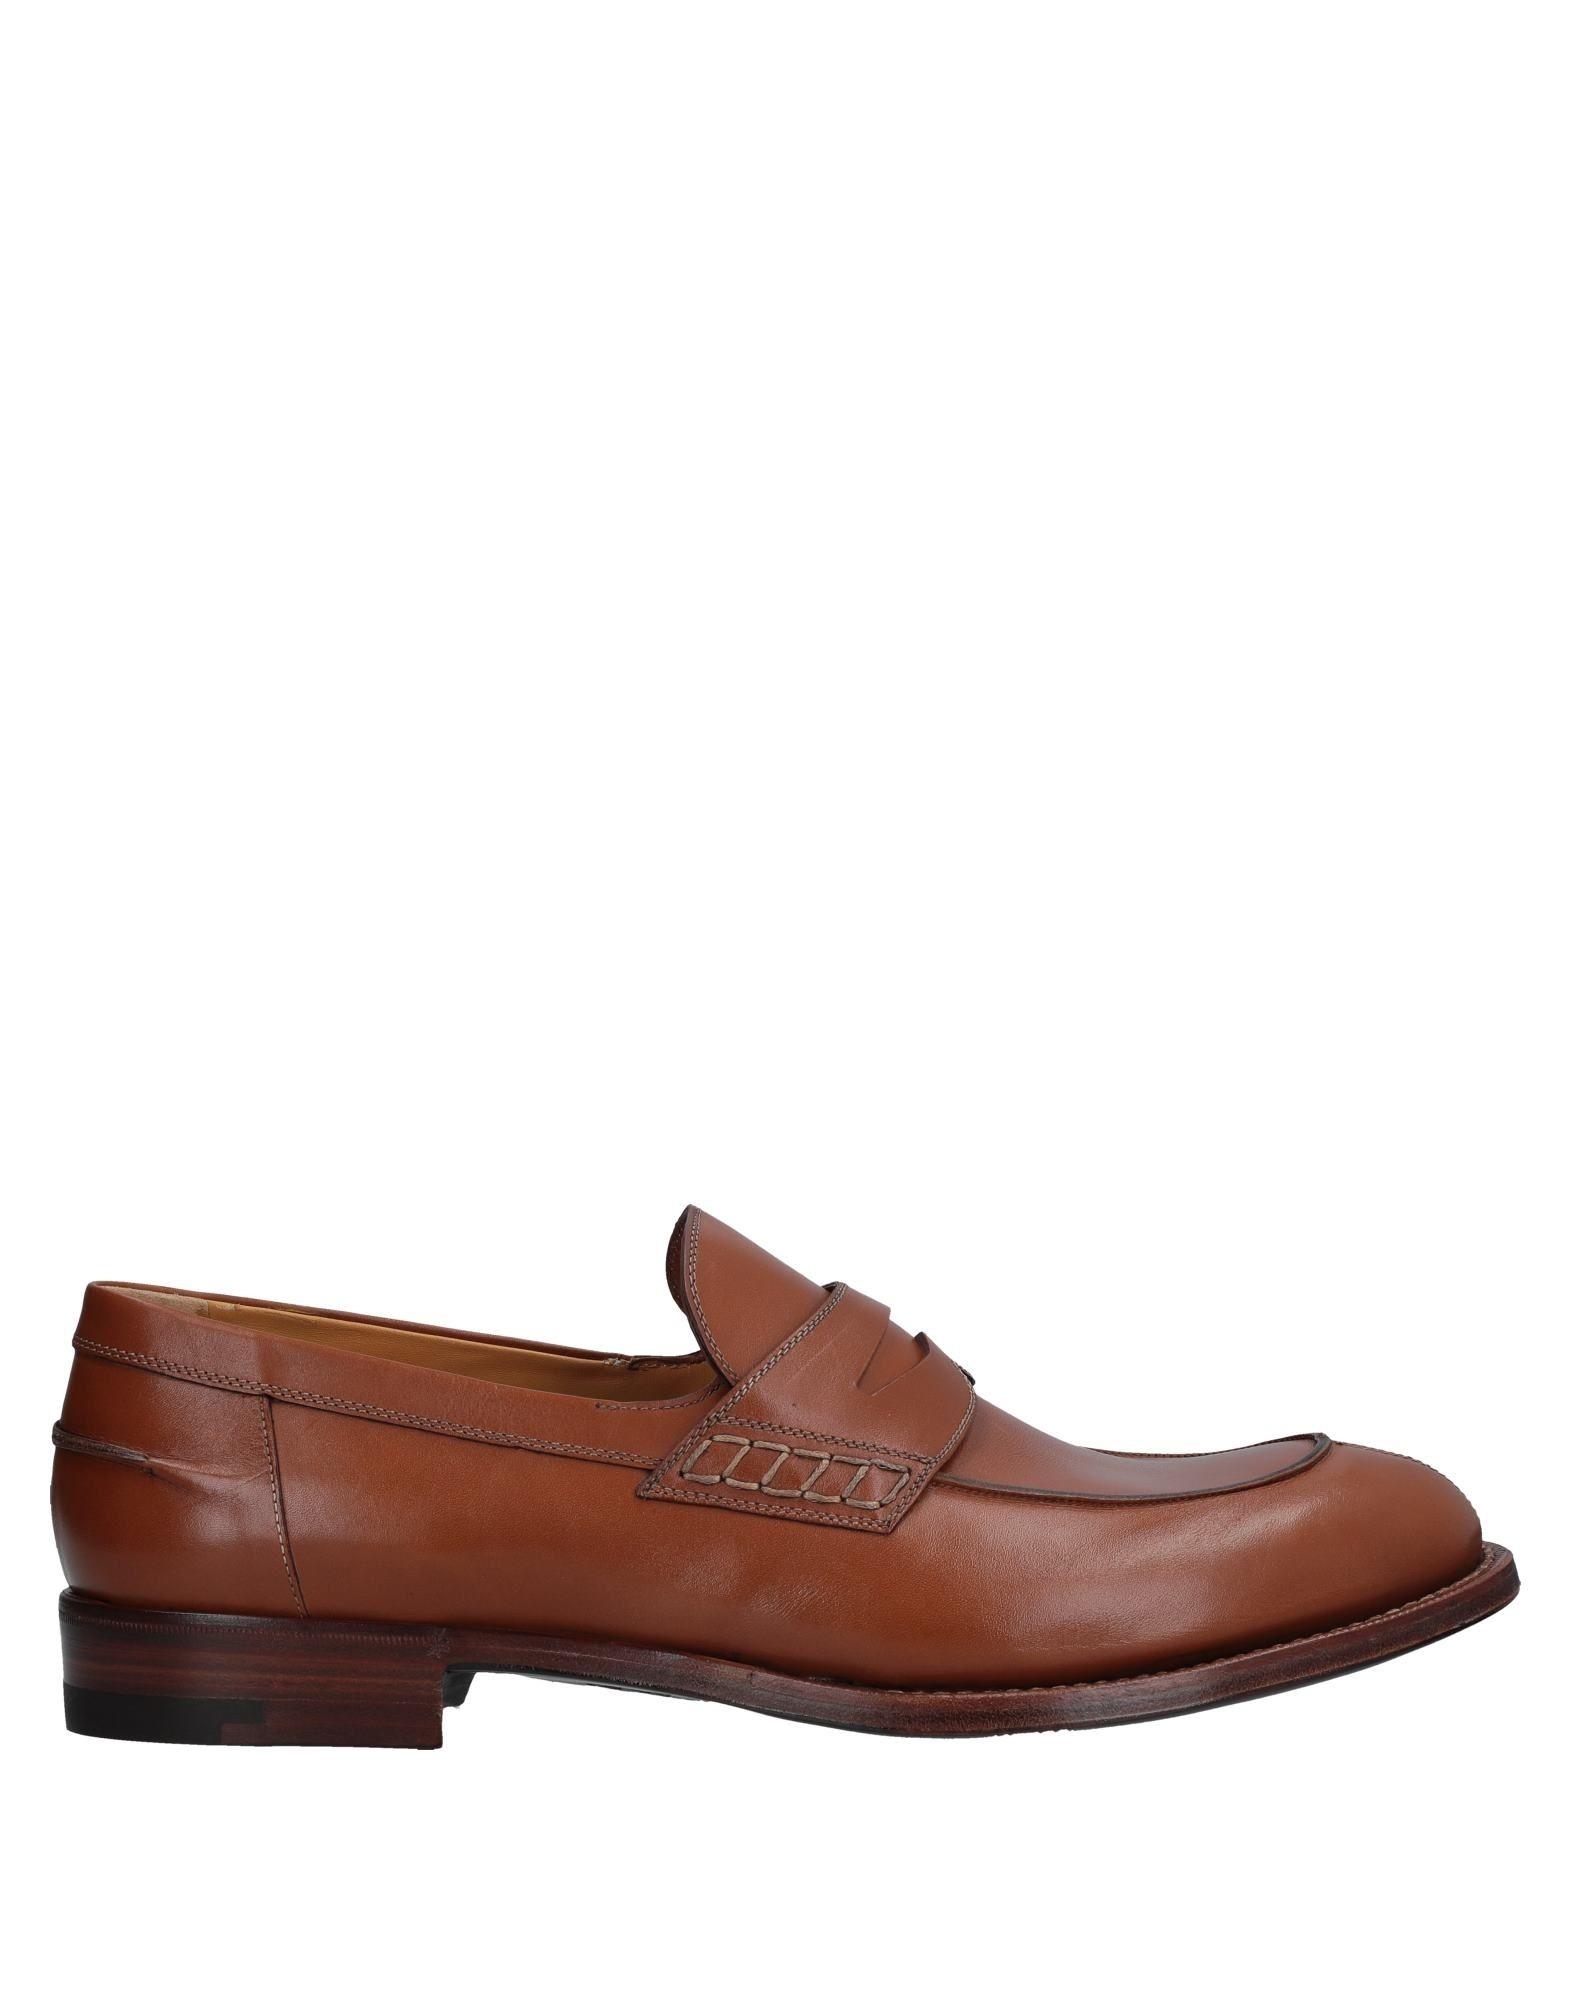 A.Testoni Mokassins Herren  11540295PU Gute Qualität beliebte Schuhe